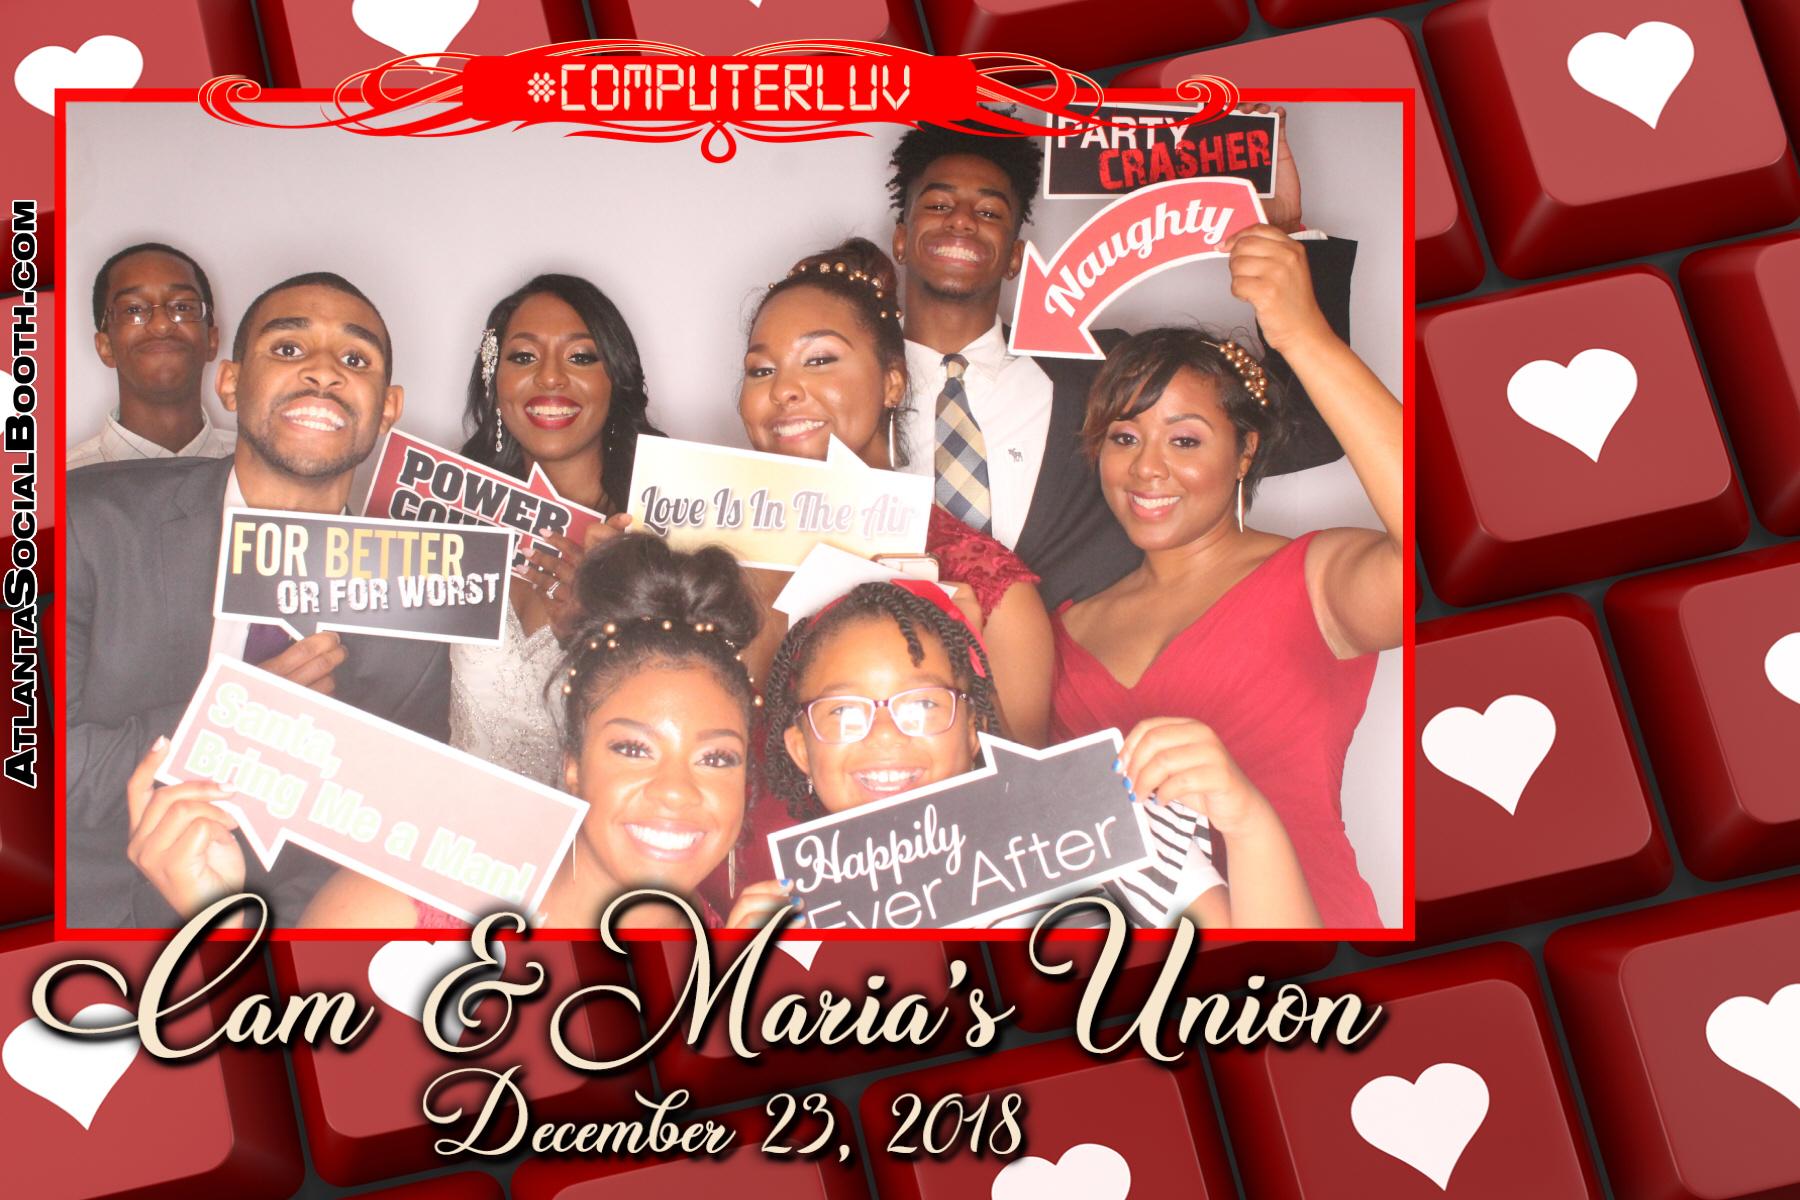 Cam & Maria's Union